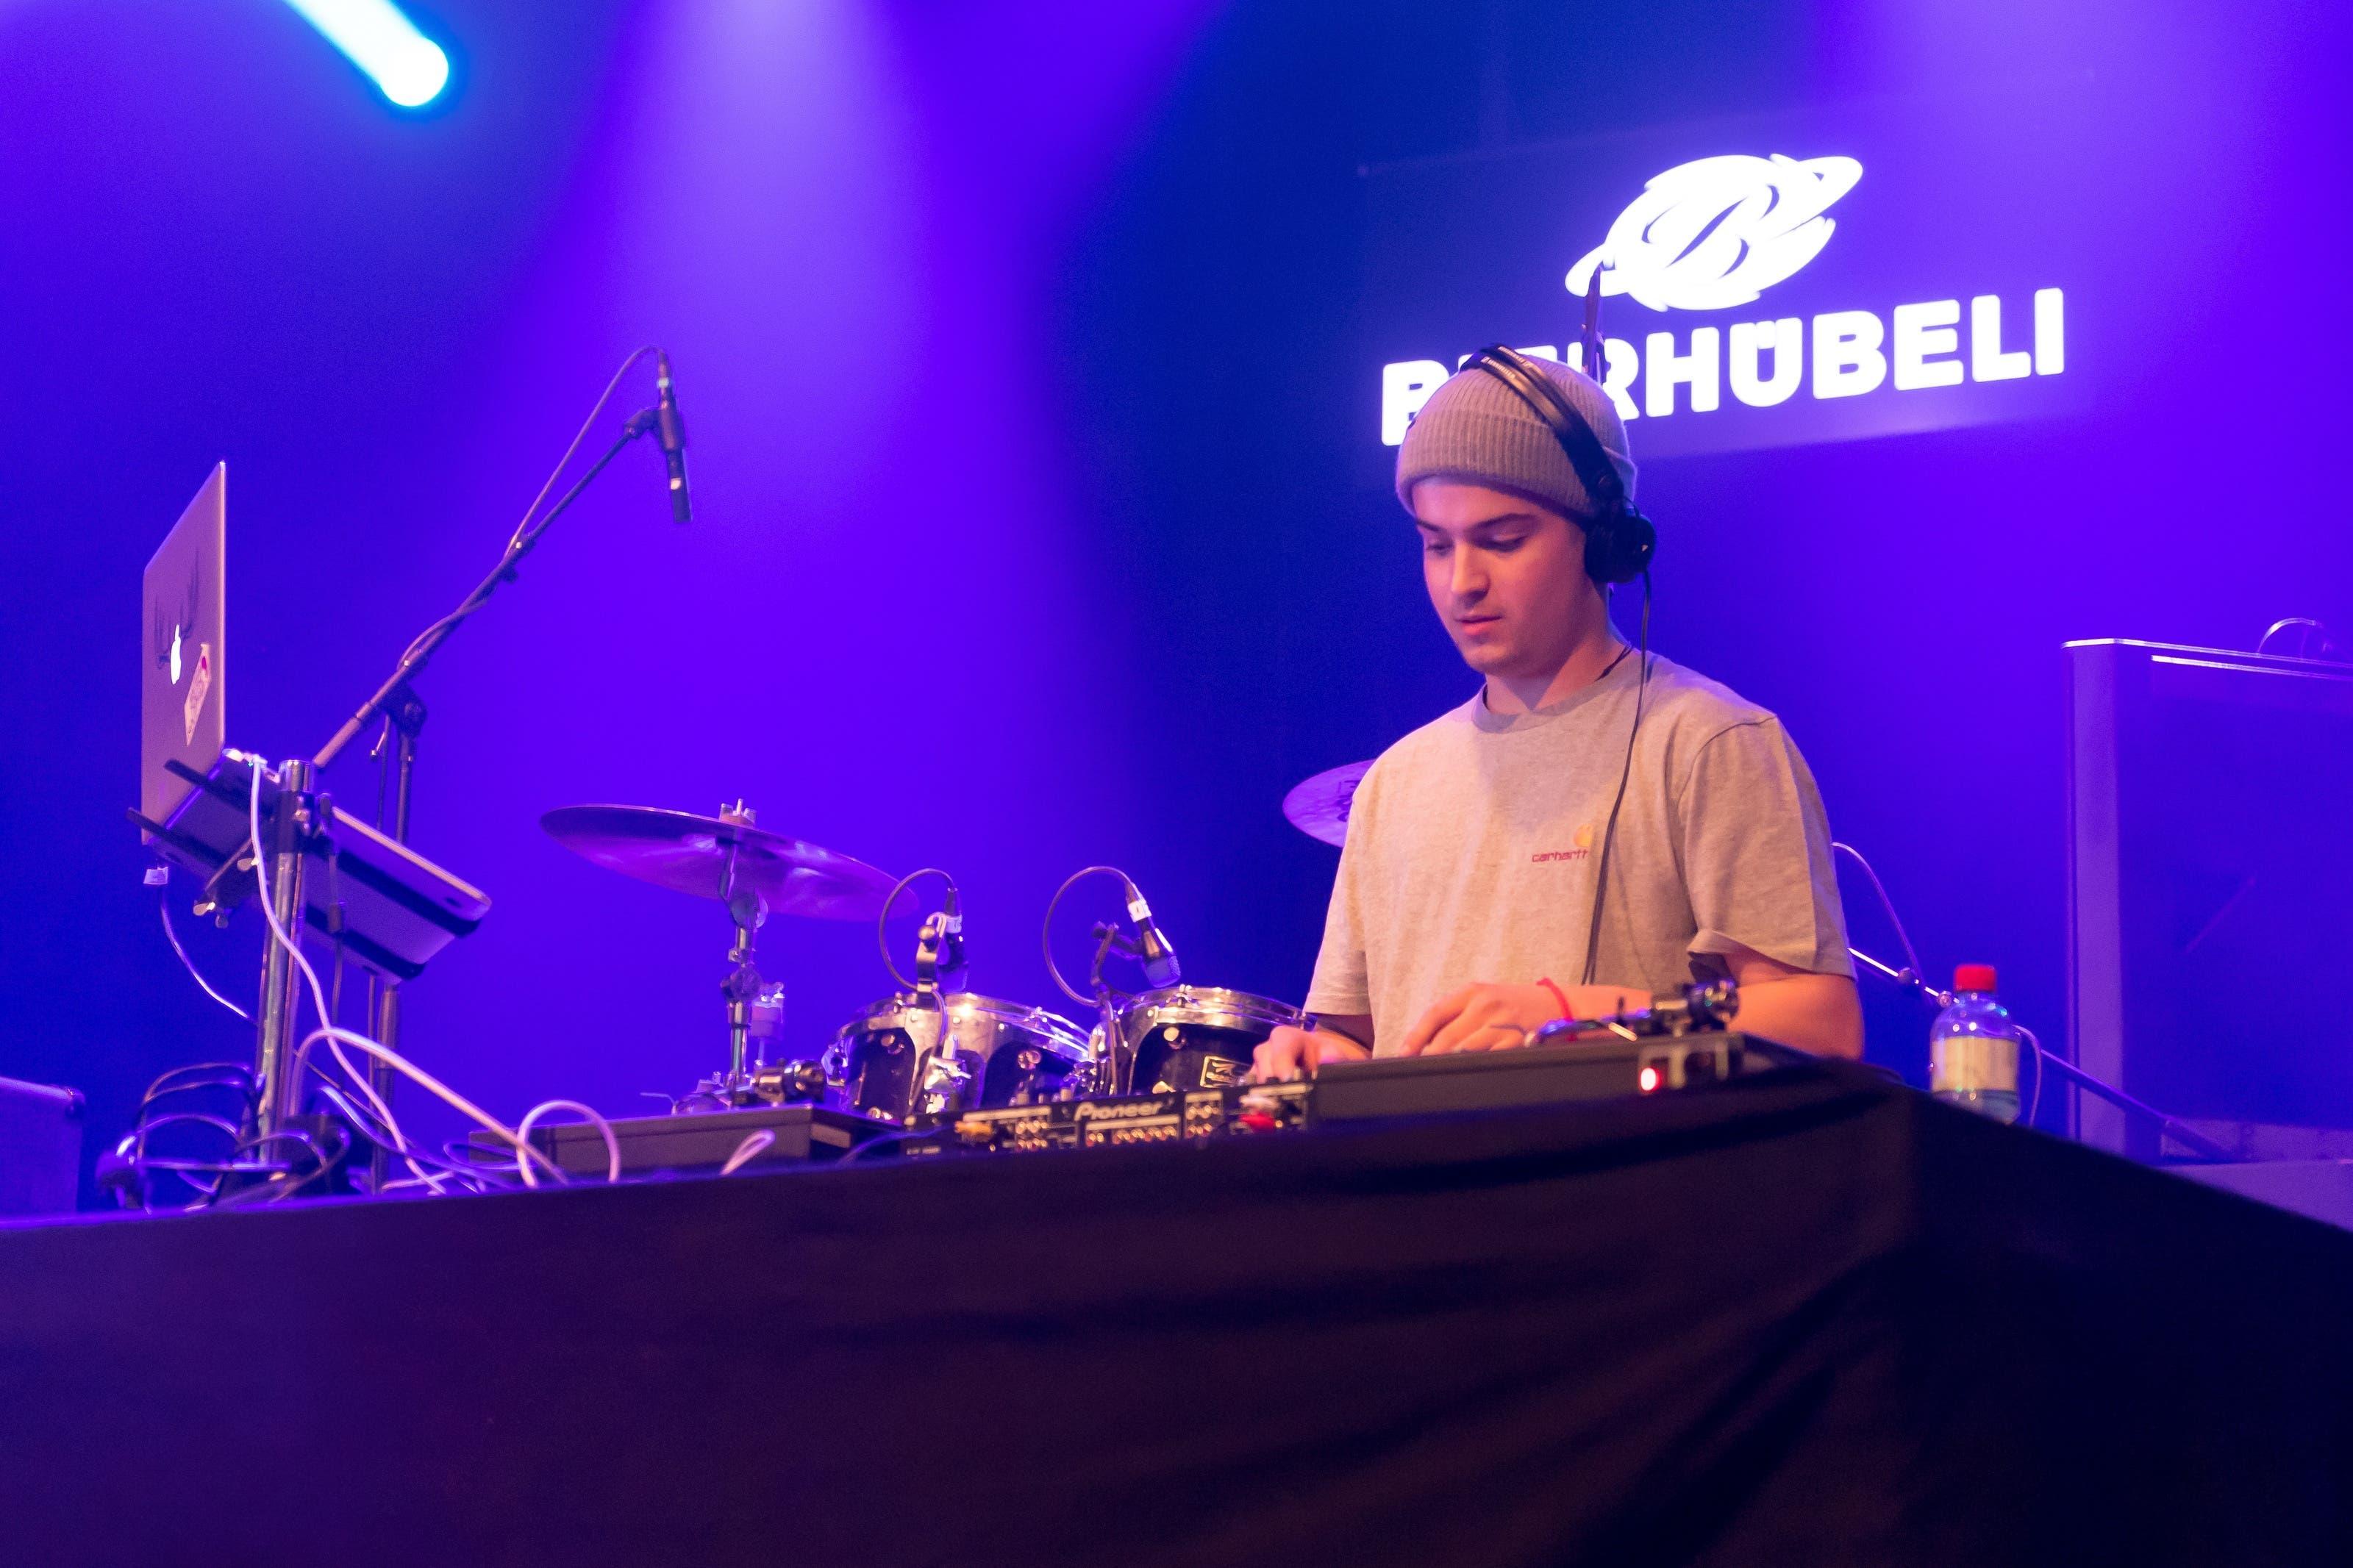 Der DJ gibt den Beat vor – ausser es kommt zum Stromunterbruch